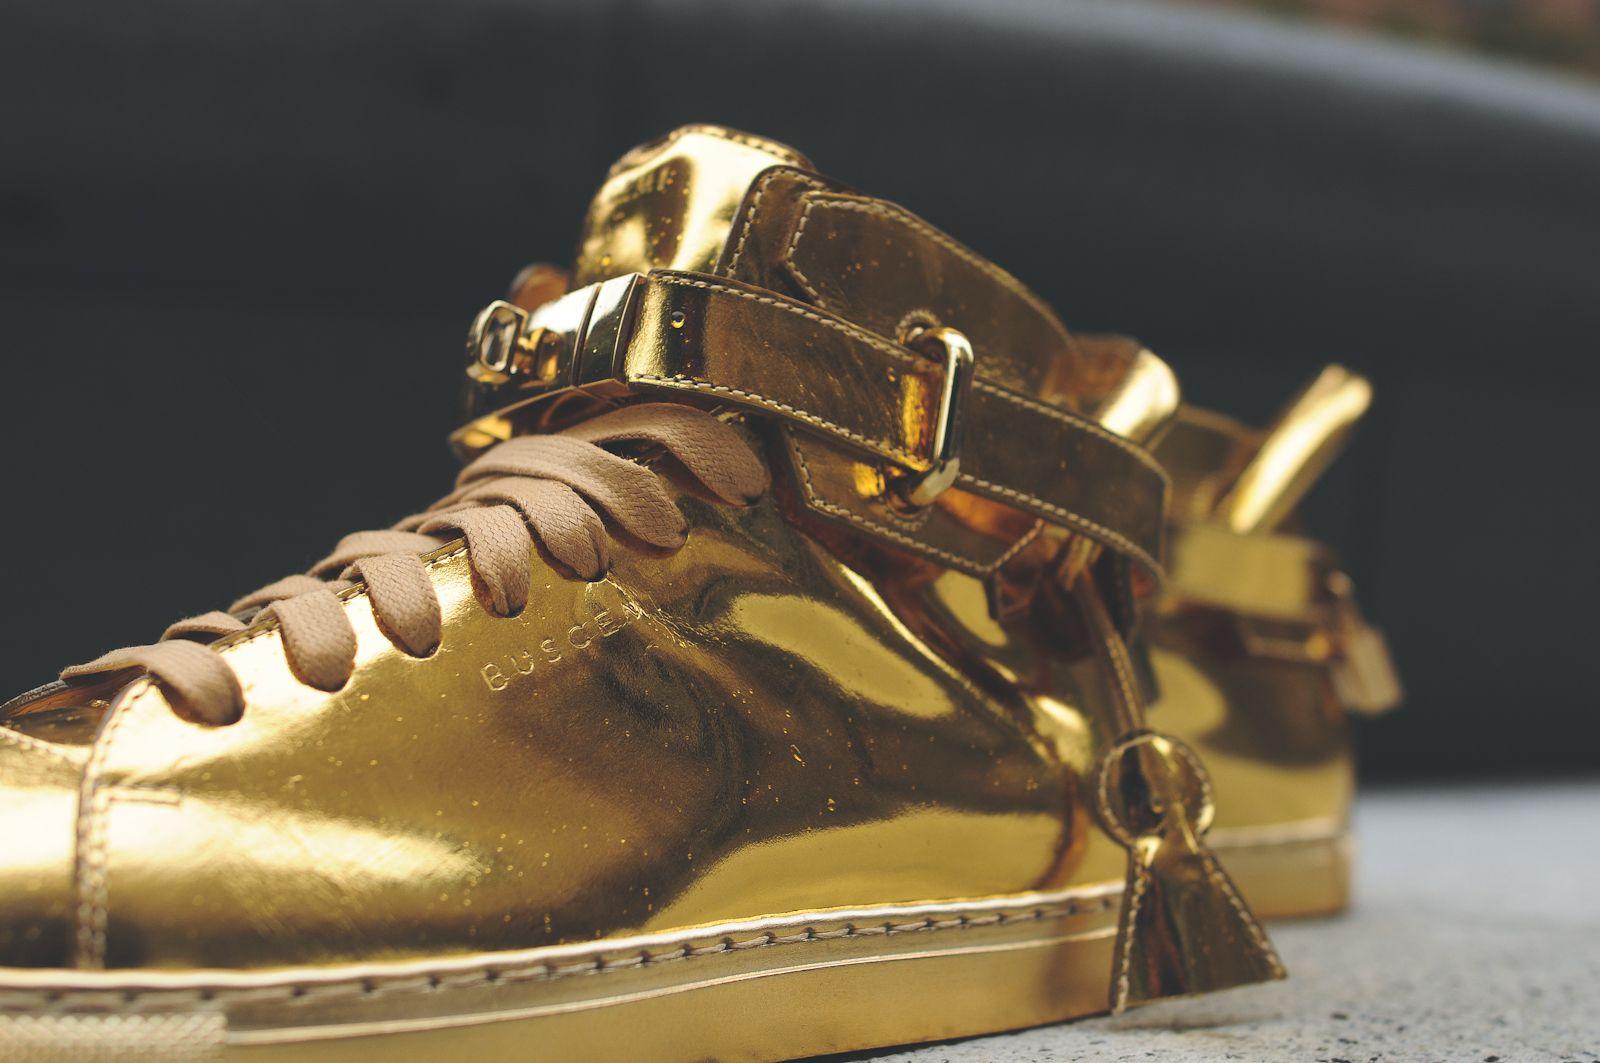 BUSCEMI 100MM METALLIC - GOLD   ROSE GOLD   KITH NYC  e657ea2061f8